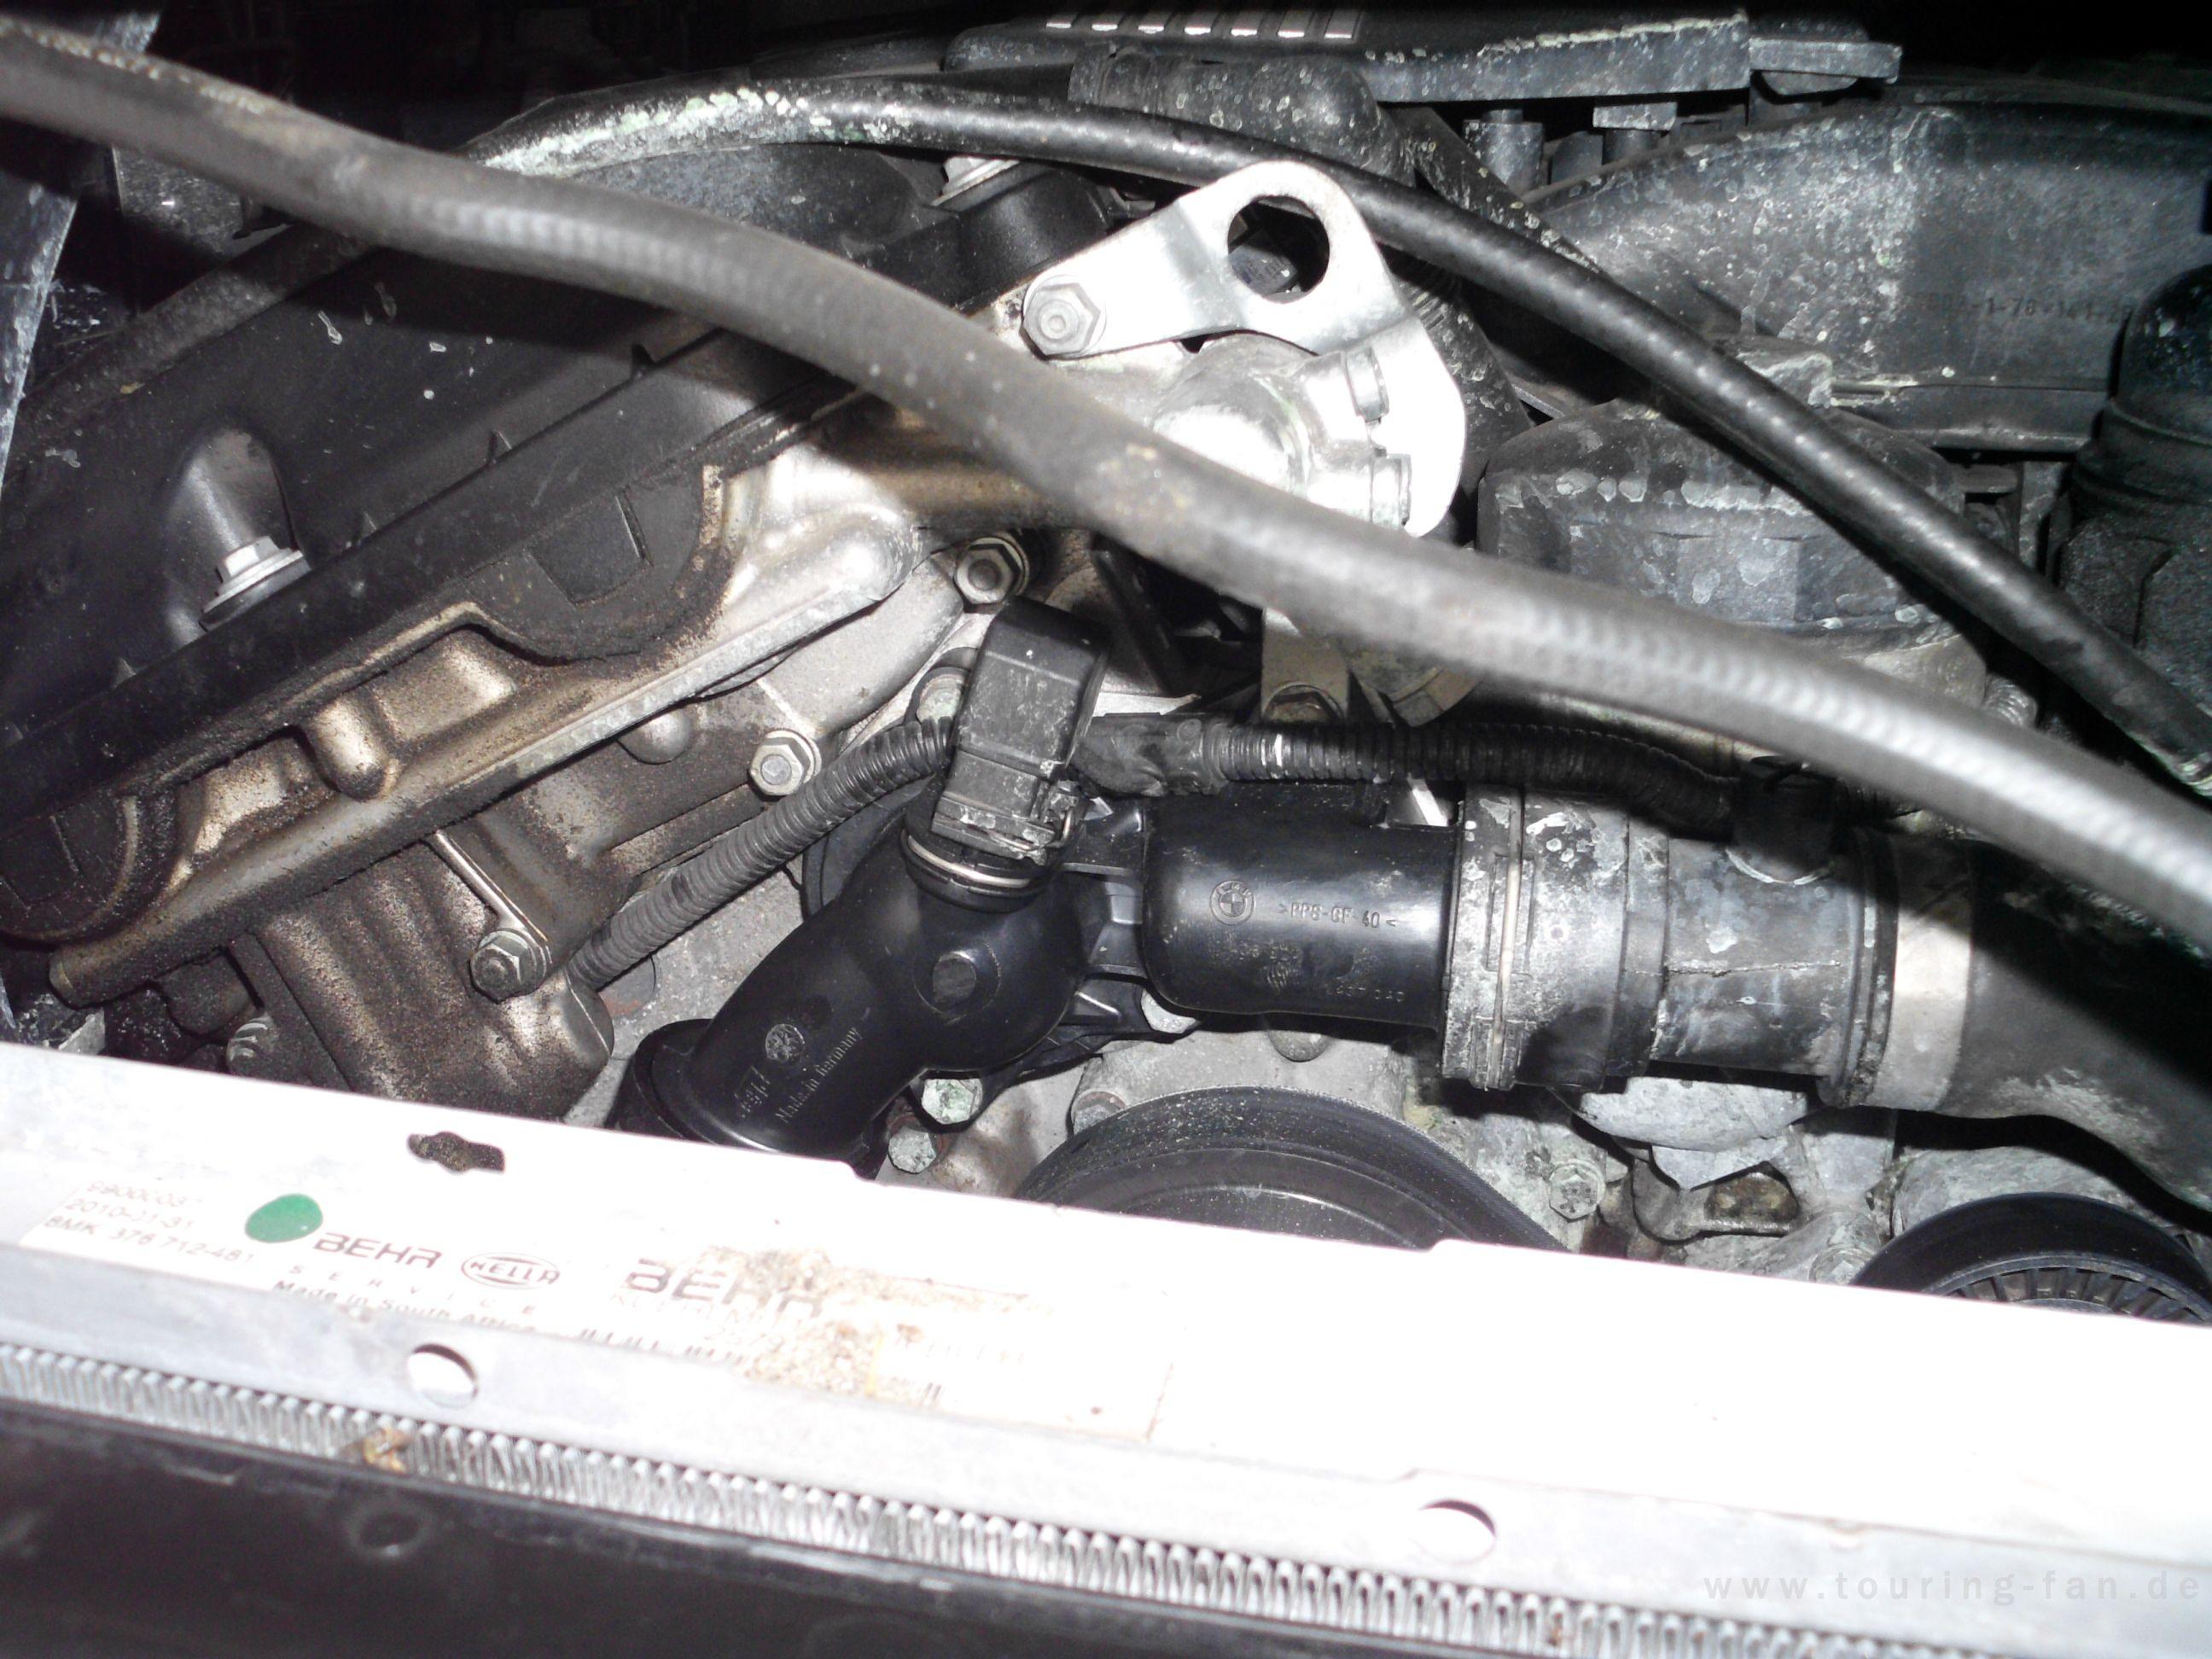 EBA Wasserpumpe und Thermostat tauschen beim M54 Motor! - Antrieb ...